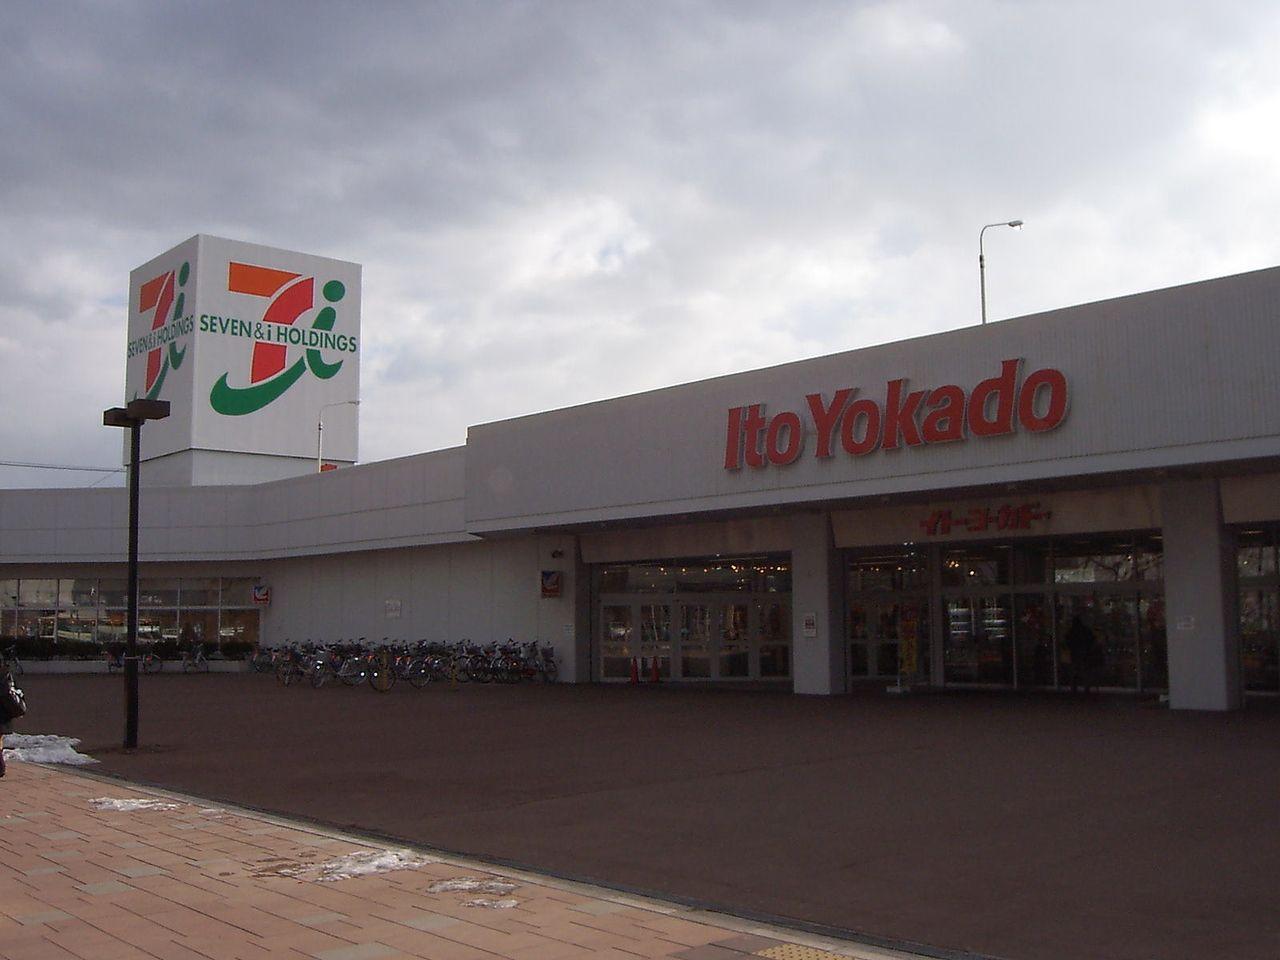 2019年9月29日で、イトーヨーカドー恵庭店が閉店となりました。